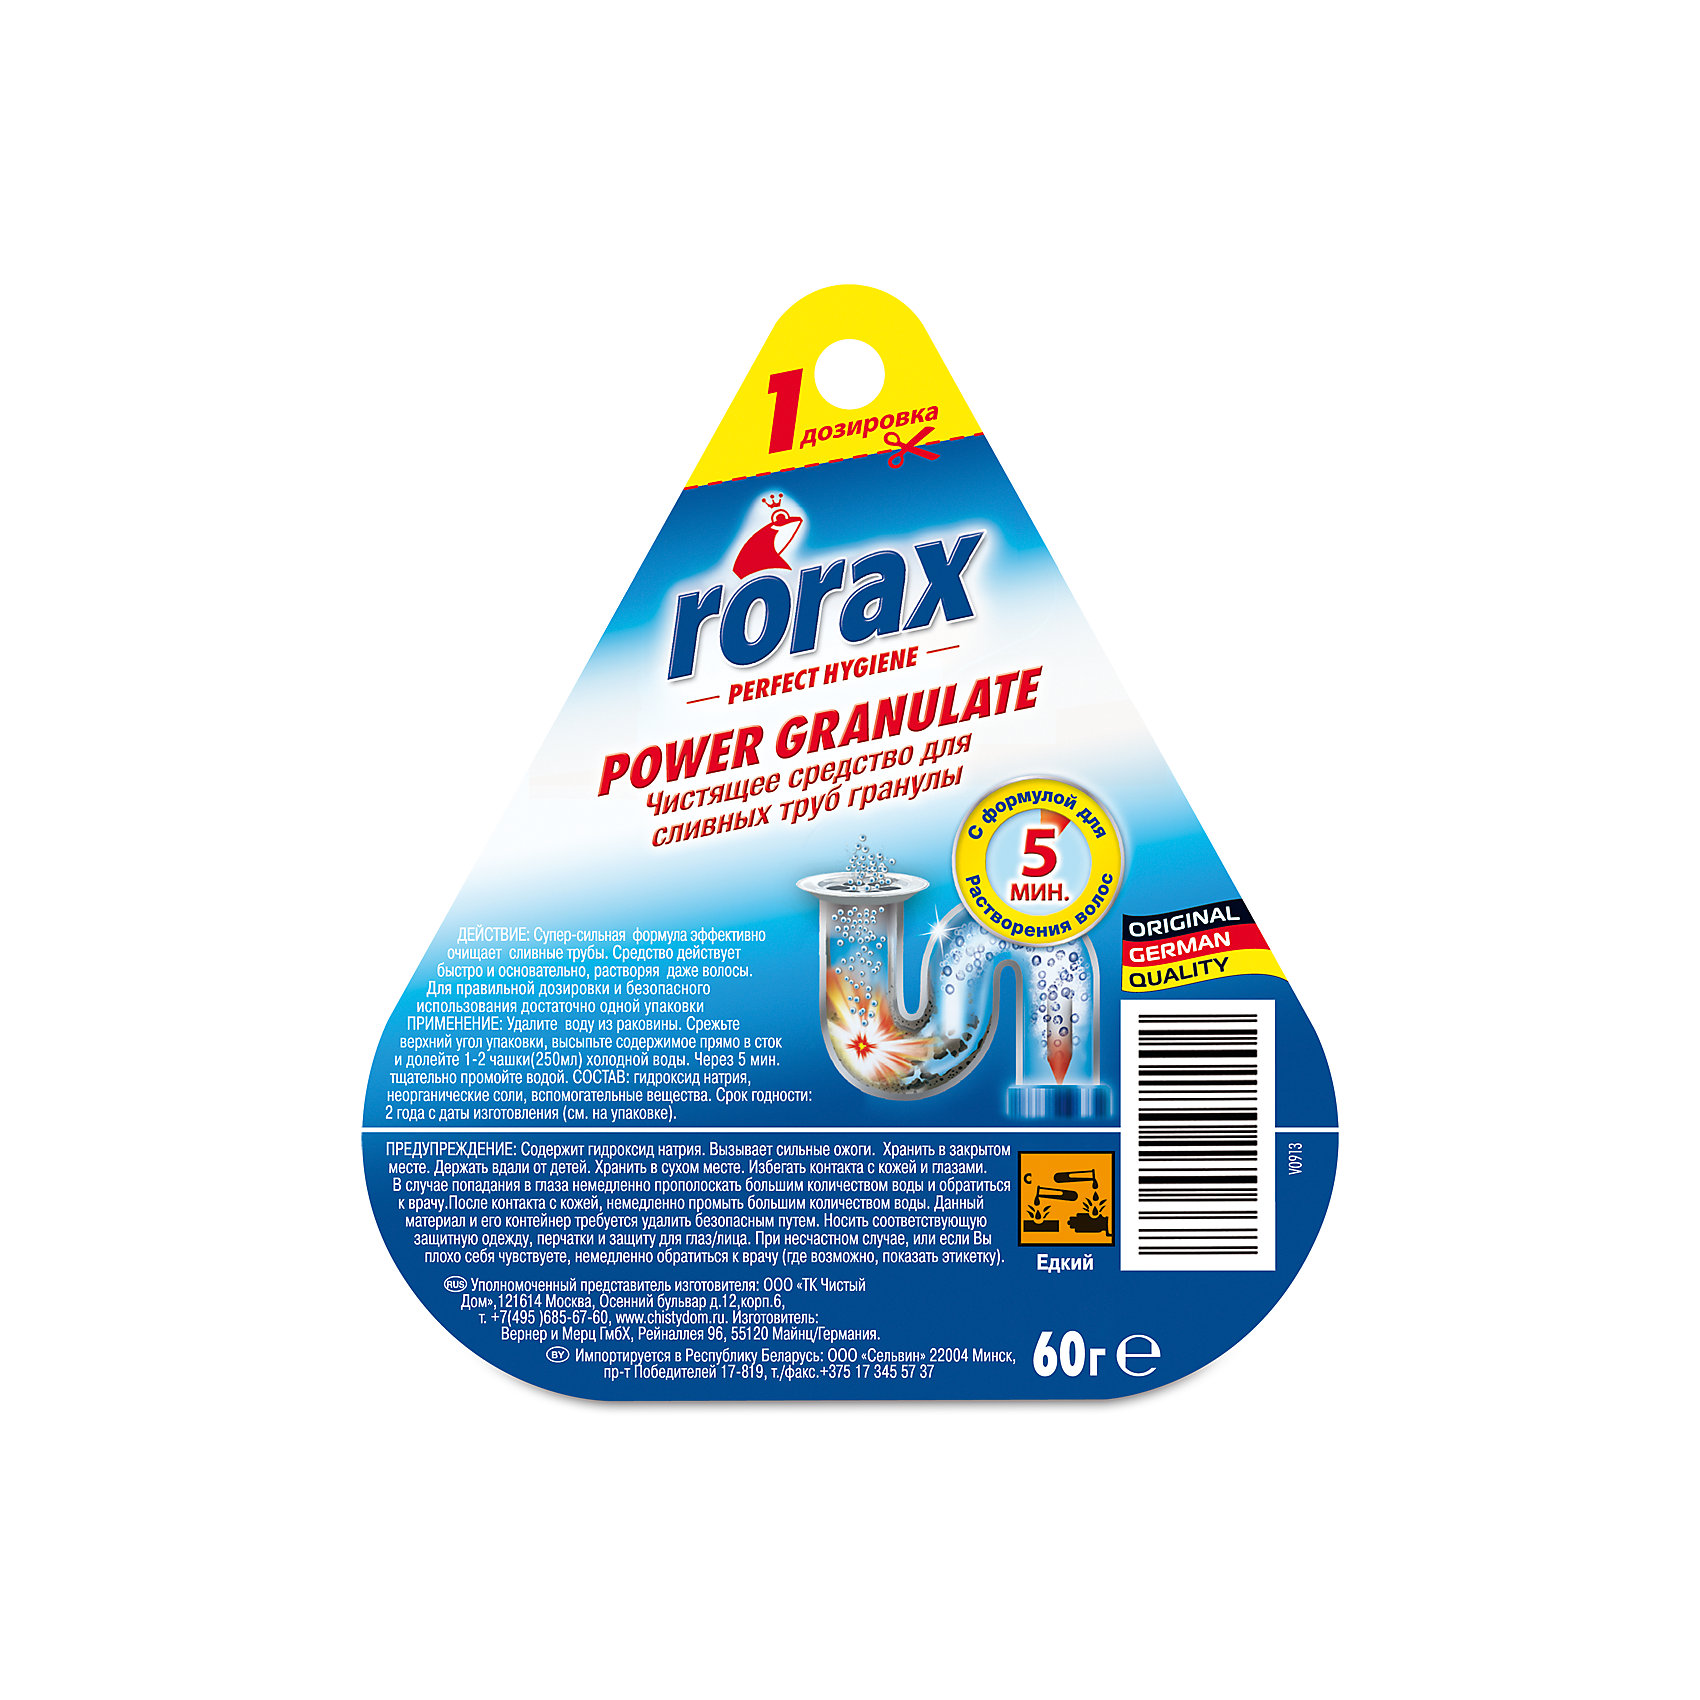 Чистящее средство для сливных труб (гранулы), 60 гр, RORAXХарактеристики товара:<br><br>• цвет: разноцветный<br>• вес: 60 гр<br>• упаковка: коробка<br>• страна бренда: Германия<br>• страна изготовитель: Германия<br><br>Засорение труб – частая проблема, возникающая в домах. Чтобы этого не произошло, необходимо ухаживать за сливным отверстием. Отличный способ – прочищать трубы с помощью чистящего средства. Гранулы засыпаются в отверстие, растворяют ржавчину, налет и другие внутренние загрязнения, открывая свободный ход для сливных вод. Материалы, использованные при изготовлении товара, сертифицированы и отвечают всем международным требованиям по качеству. <br><br>Чистящее средство для сливных труб (гранулы), 60 гр, от производителя RORAX можно приобрести в нашем интернет-магазине.<br><br>Ширина мм: 108<br>Глубина мм: 15<br>Высота мм: 123<br>Вес г: 83<br>Возраст от месяцев: 216<br>Возраст до месяцев: 1188<br>Пол: Унисекс<br>Возраст: Детский<br>SKU: 5185724